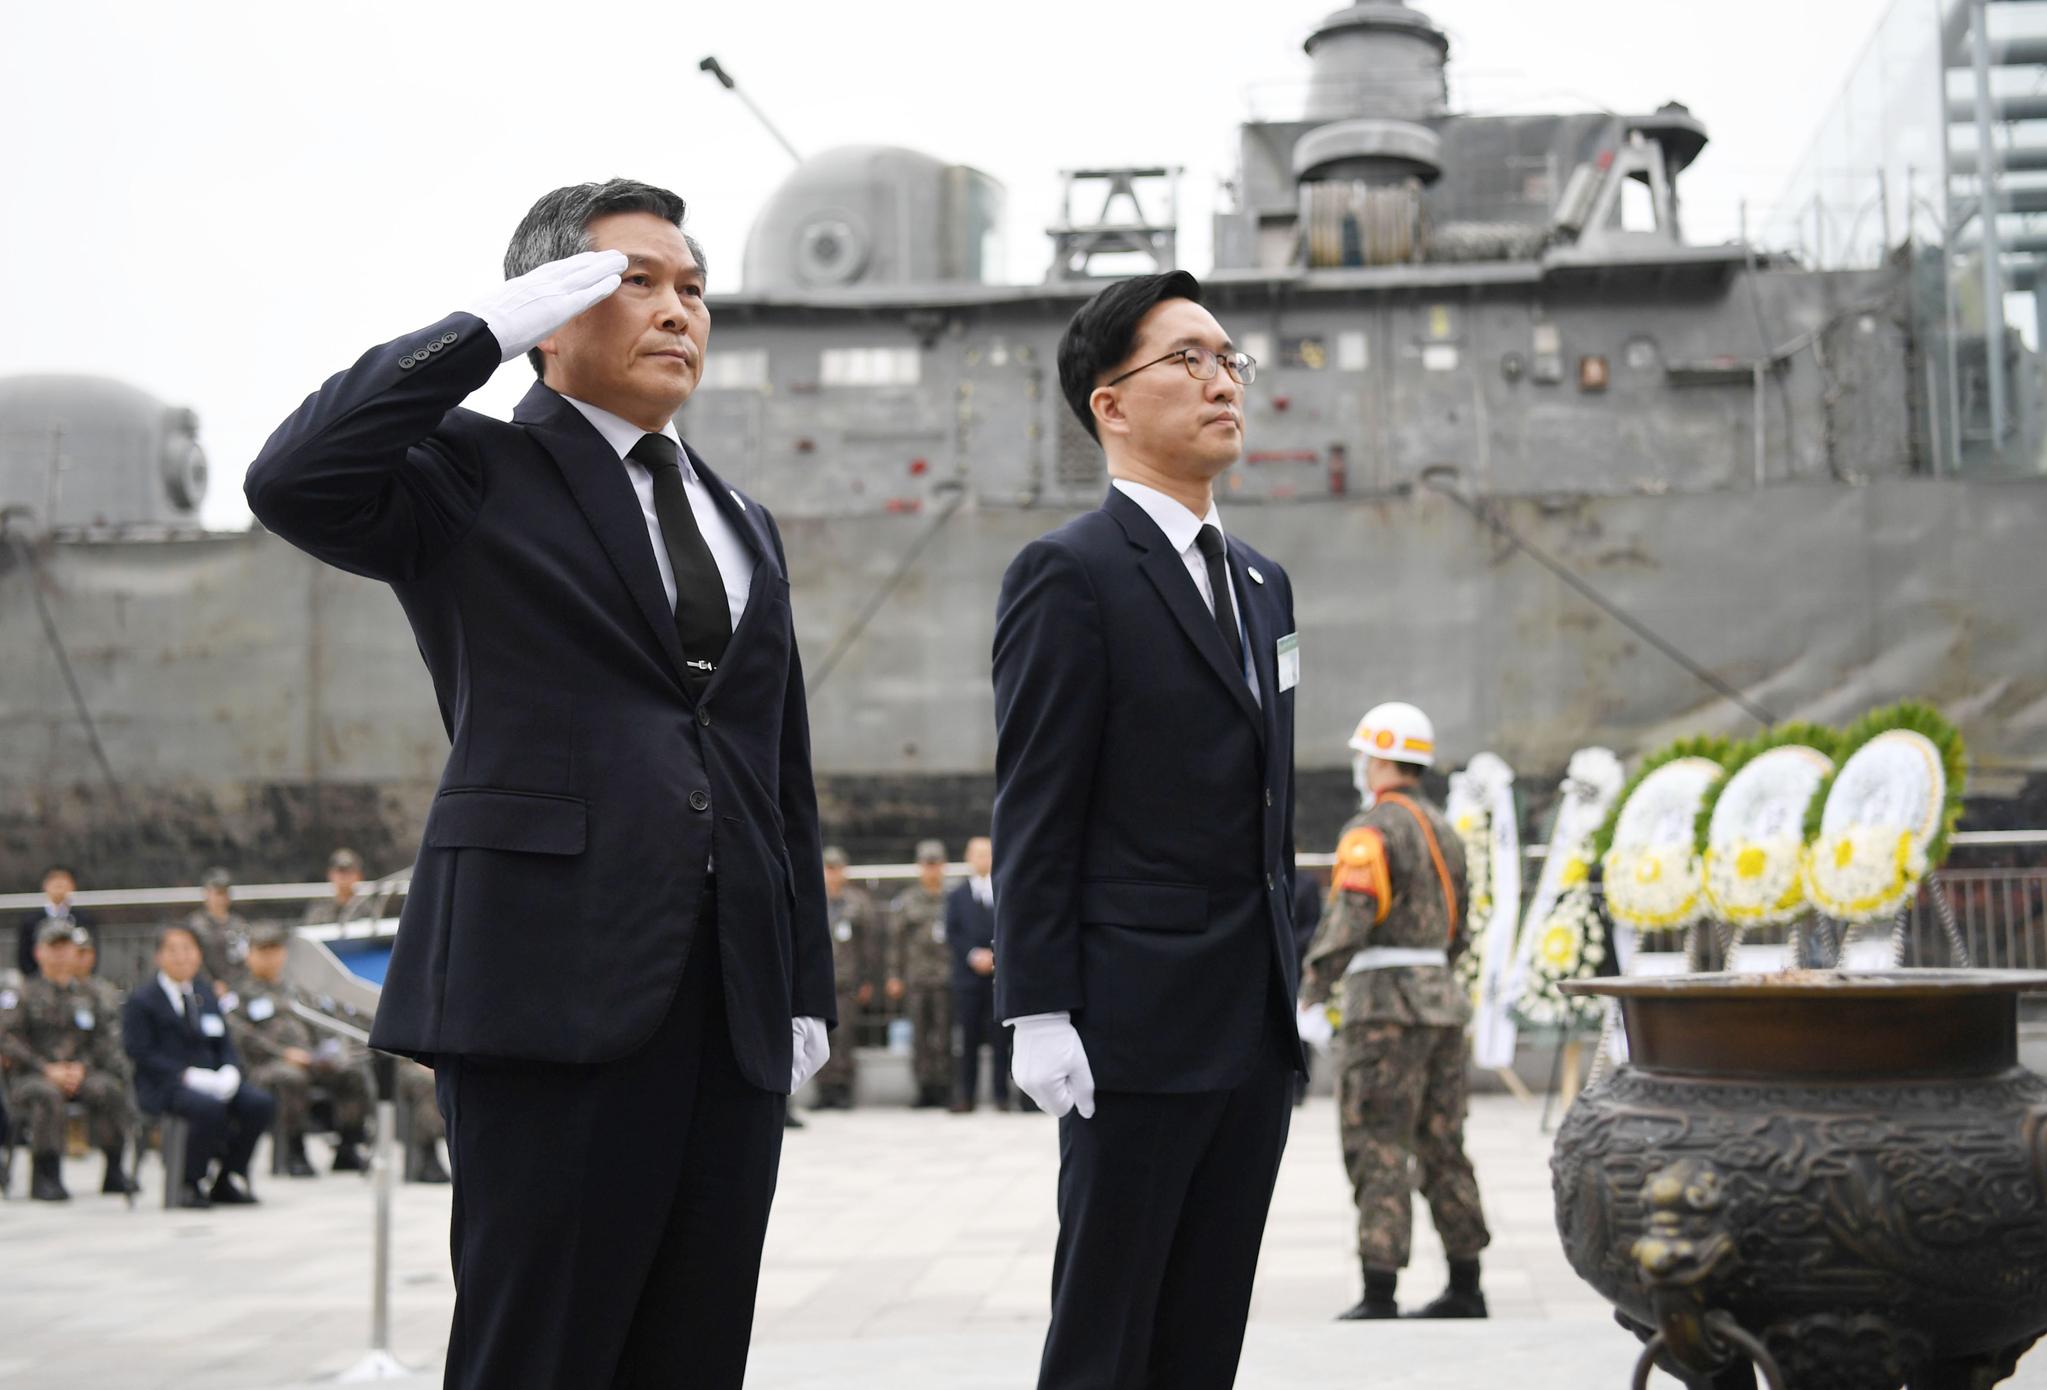 정경두 국방부 장관이 26일 평택 해군2함대사령부에서 열린 제10주기 천안함 추모식에서 경례하고 있다. 국방일보